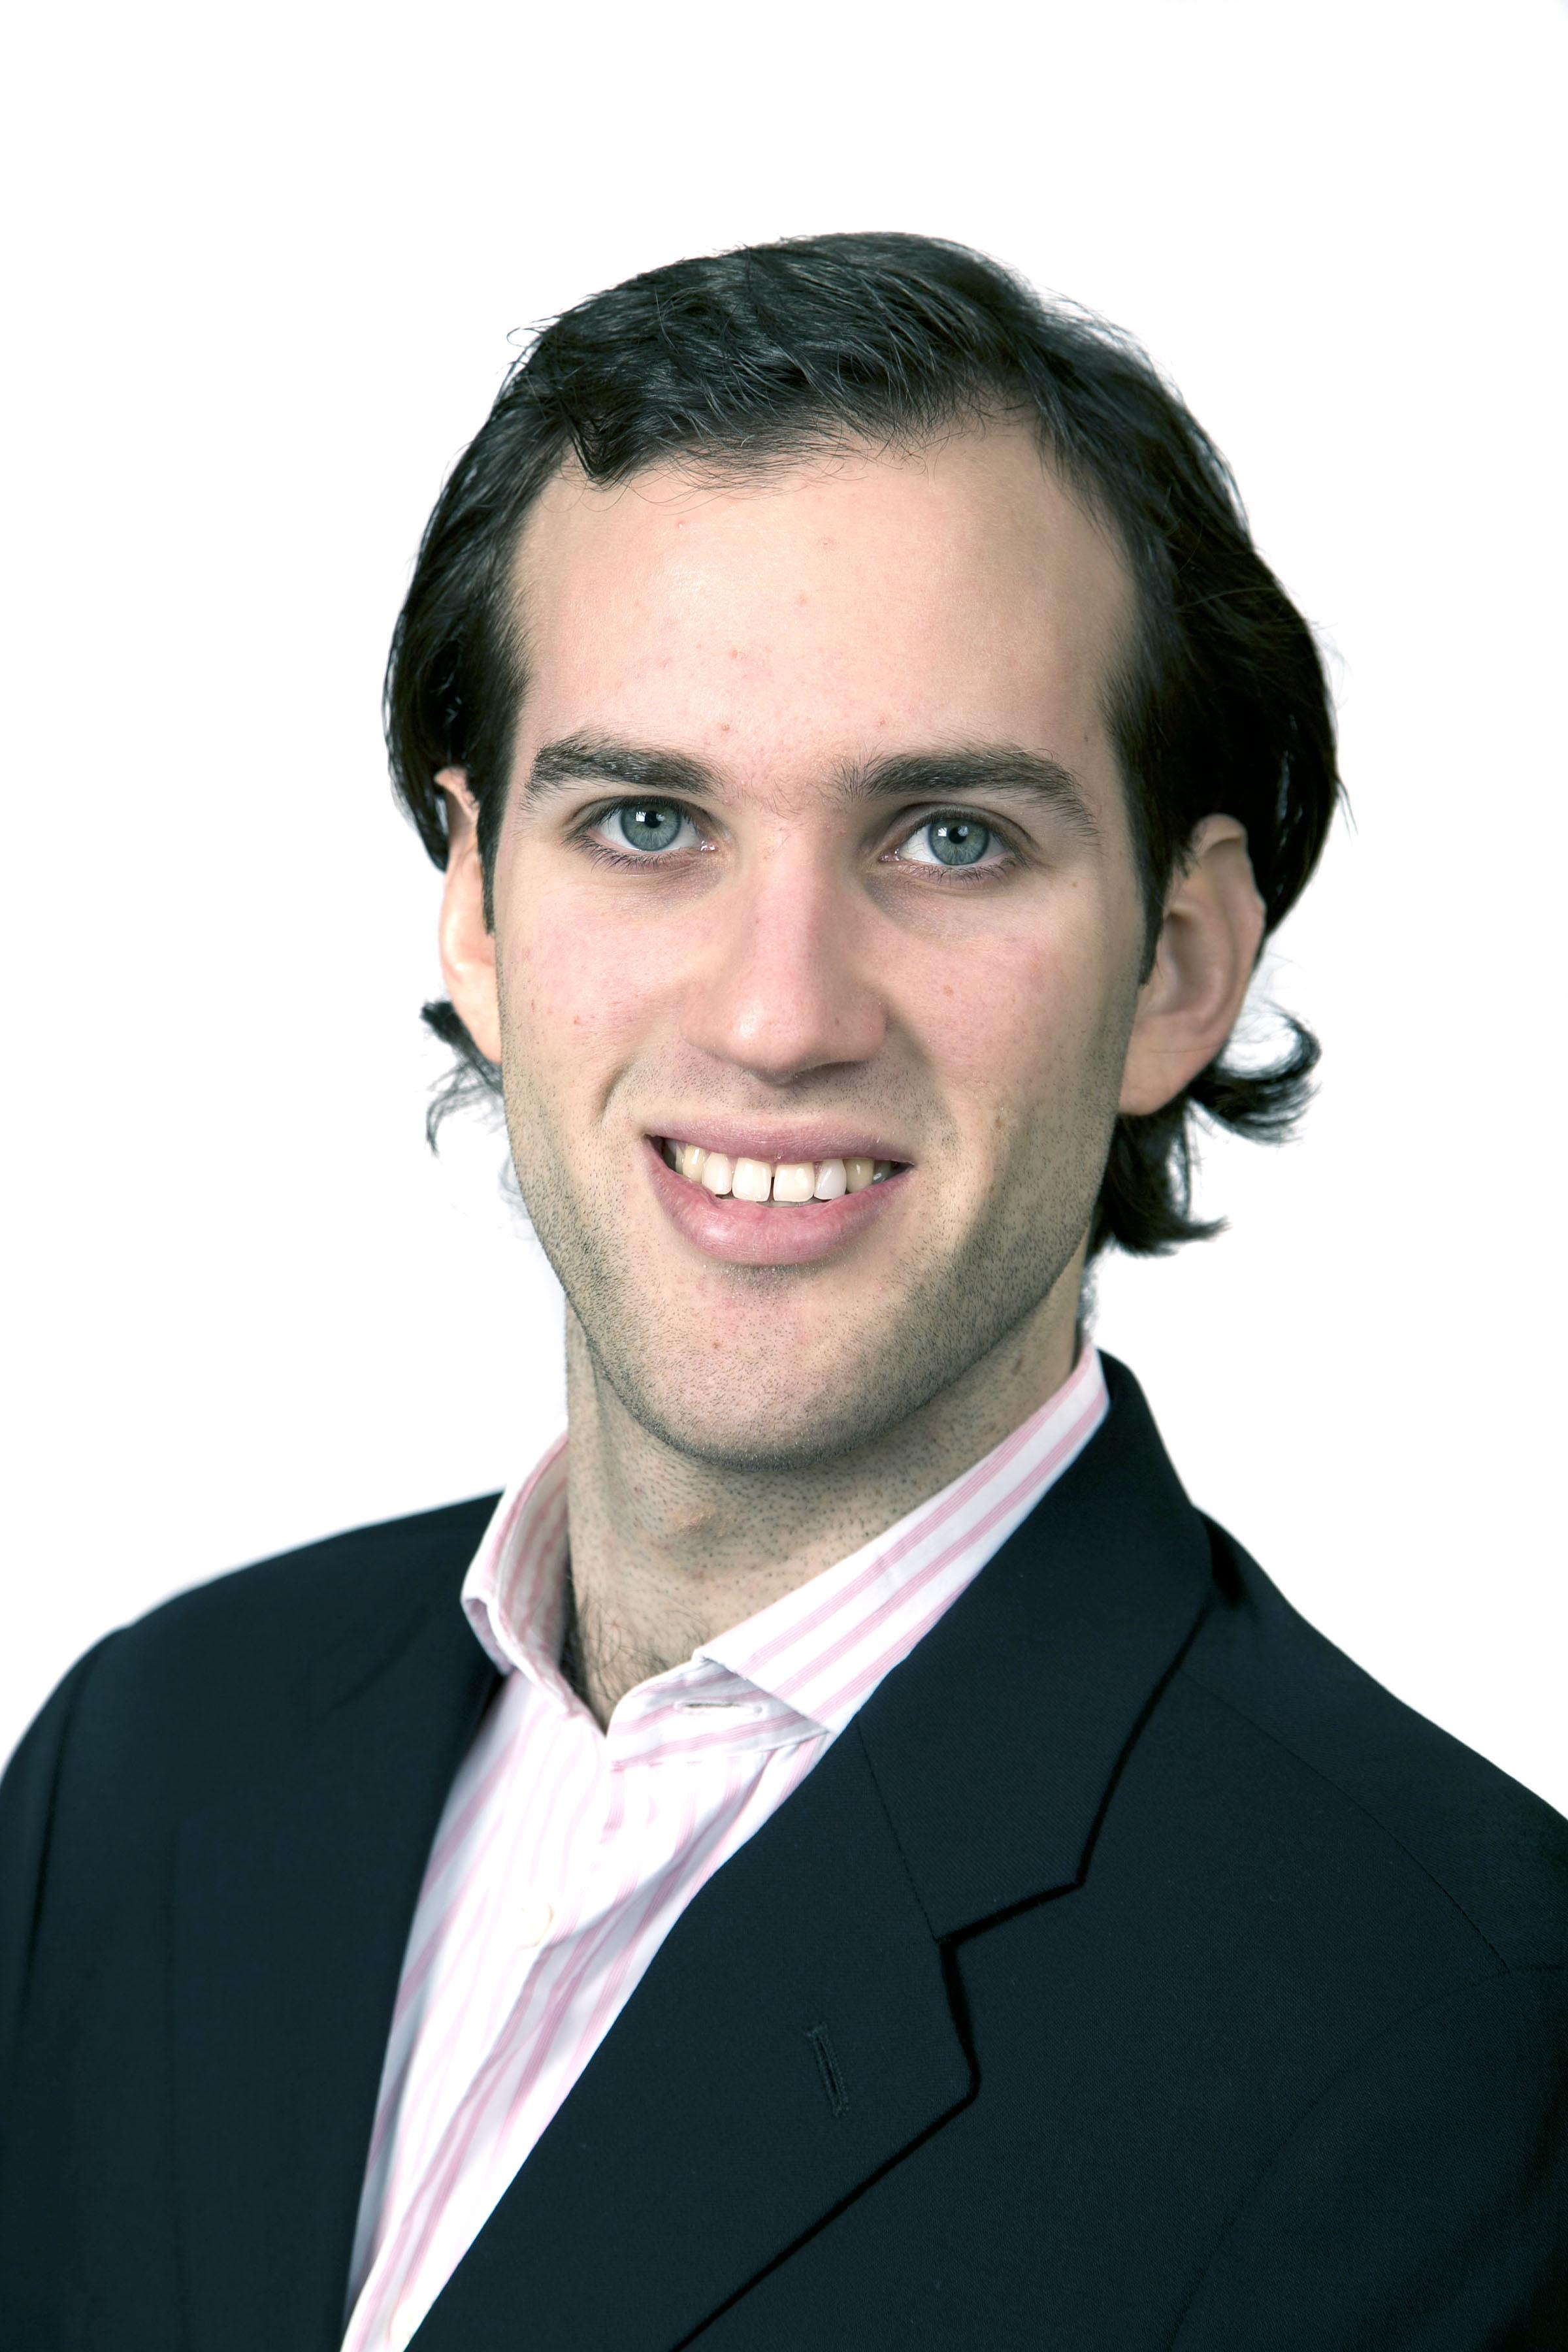 Alexander Tsavliris